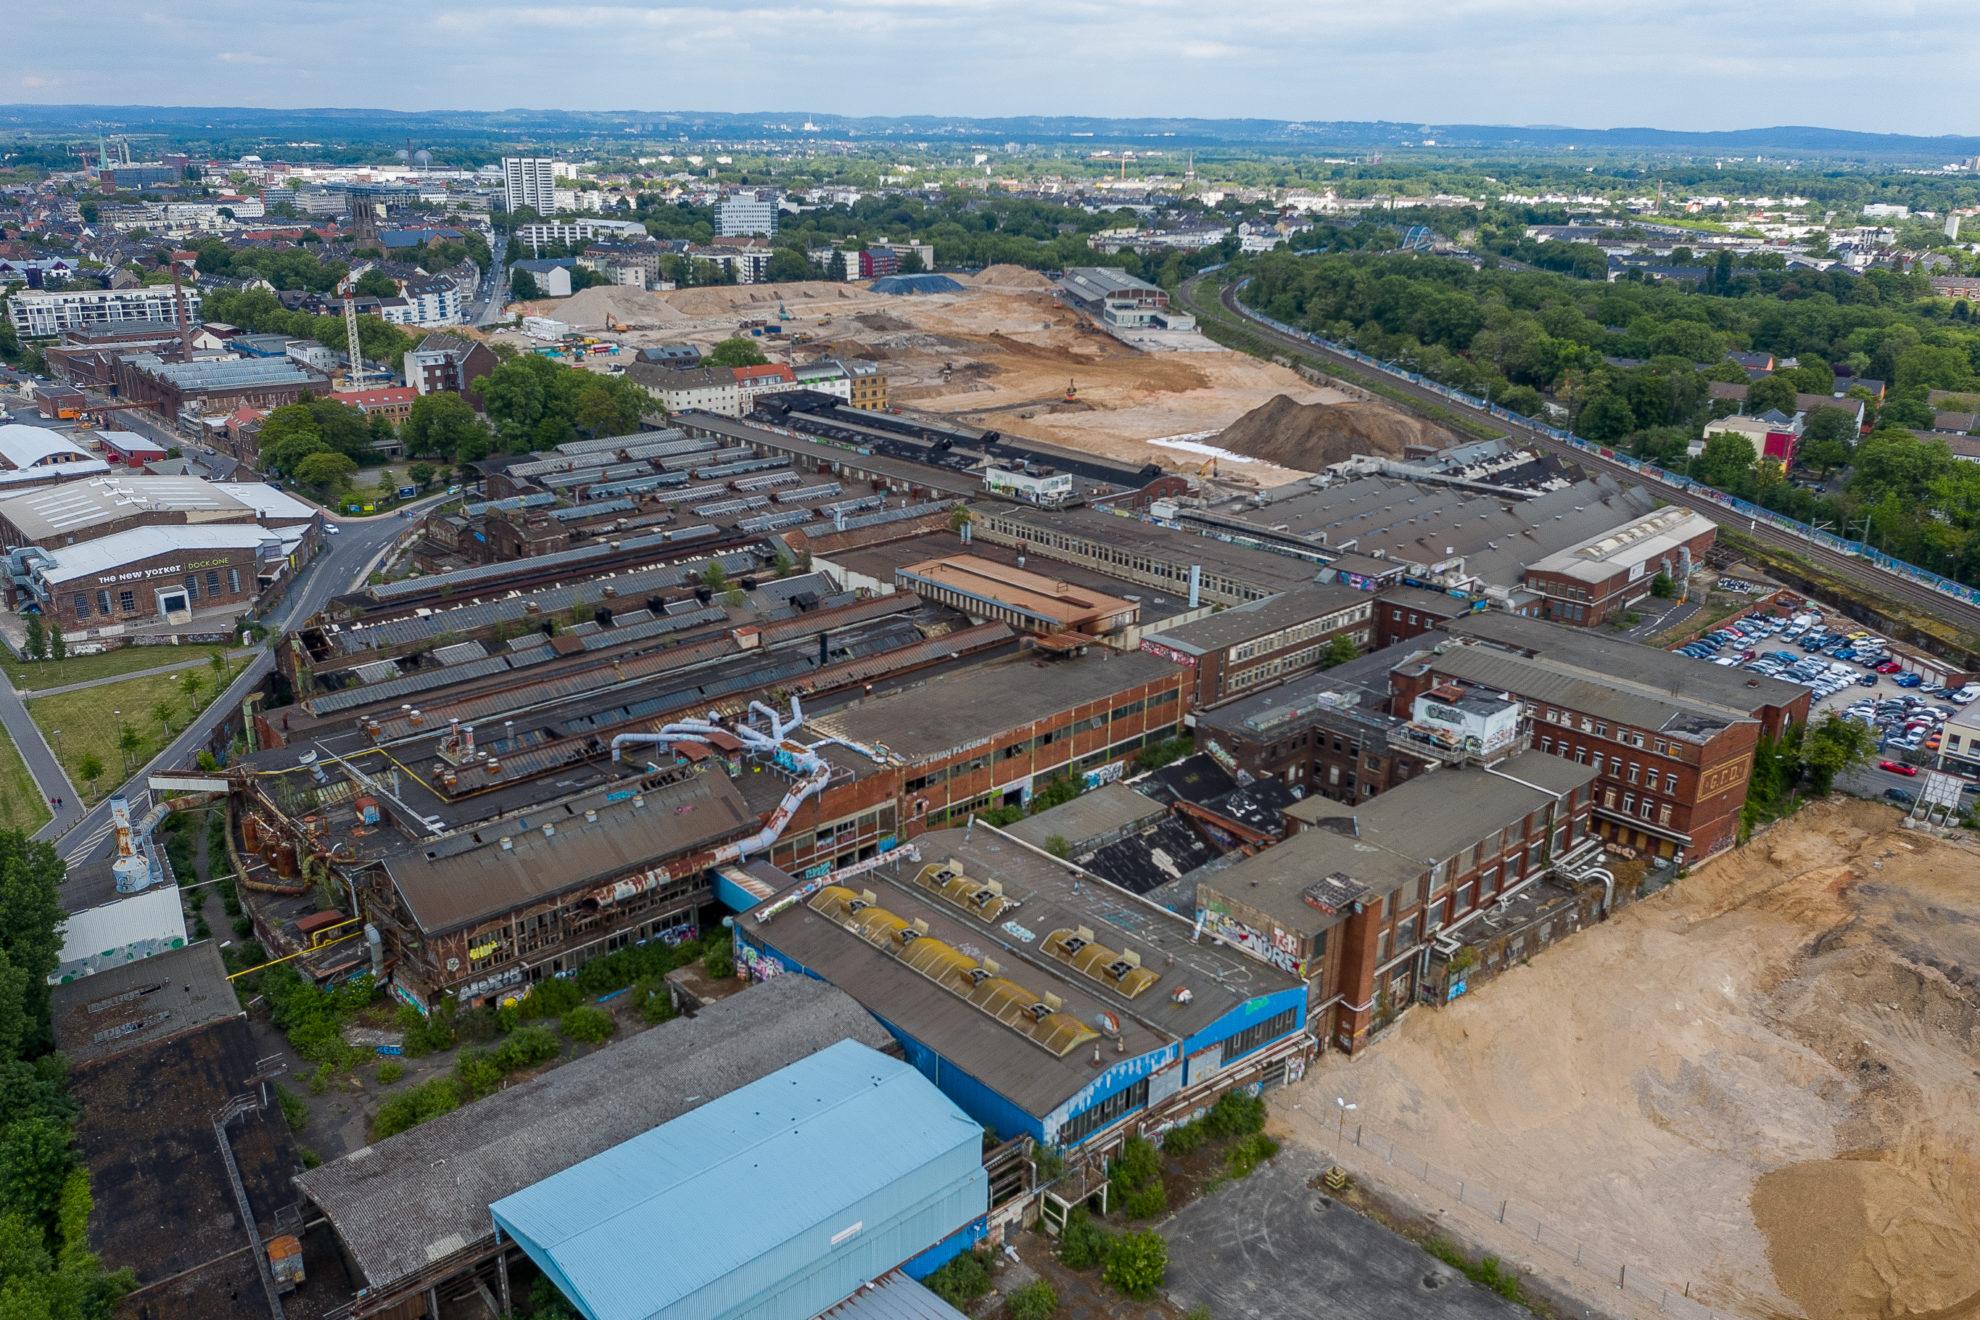 Fabrikhallen der ehemaligen Gasmotorenfabrik Deutz, Klöckner-Humboldt-Deutz, Westwaggon, Köln-Mülheim - Luftaufnahme